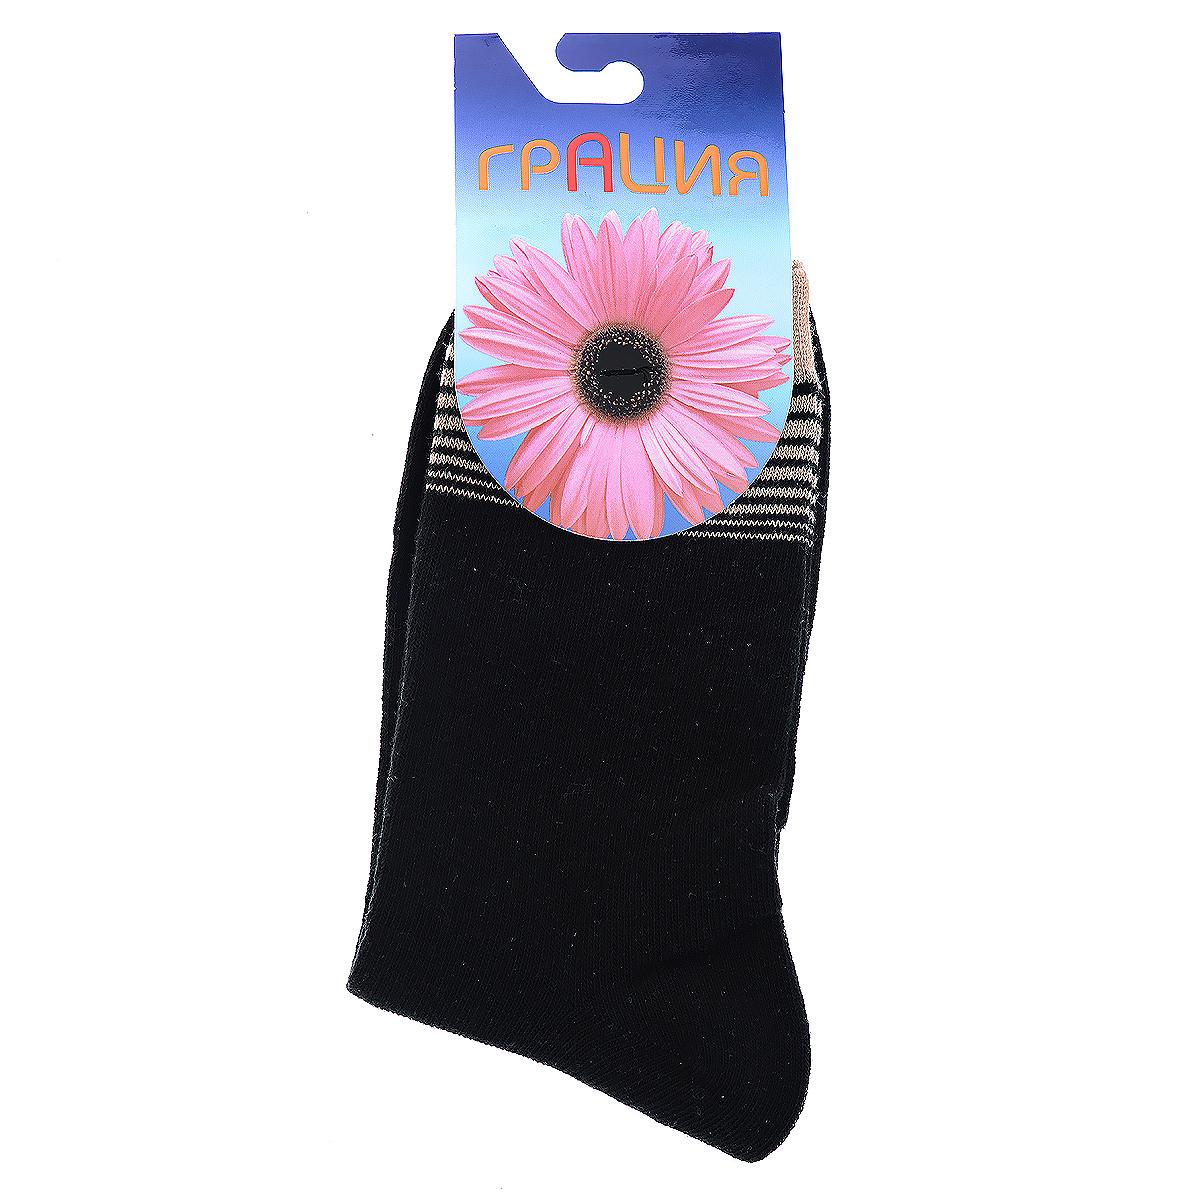 Носки женские Грация, цвет: черный, бежевый. Н 002-16-19. Размер 38/40Н 002-16-19Женские носки Грация изготовлены из экологически чистых материалов в соответствии с мировыми стандартами качества. Комфортная широкая резинка не сдавливает ногу.